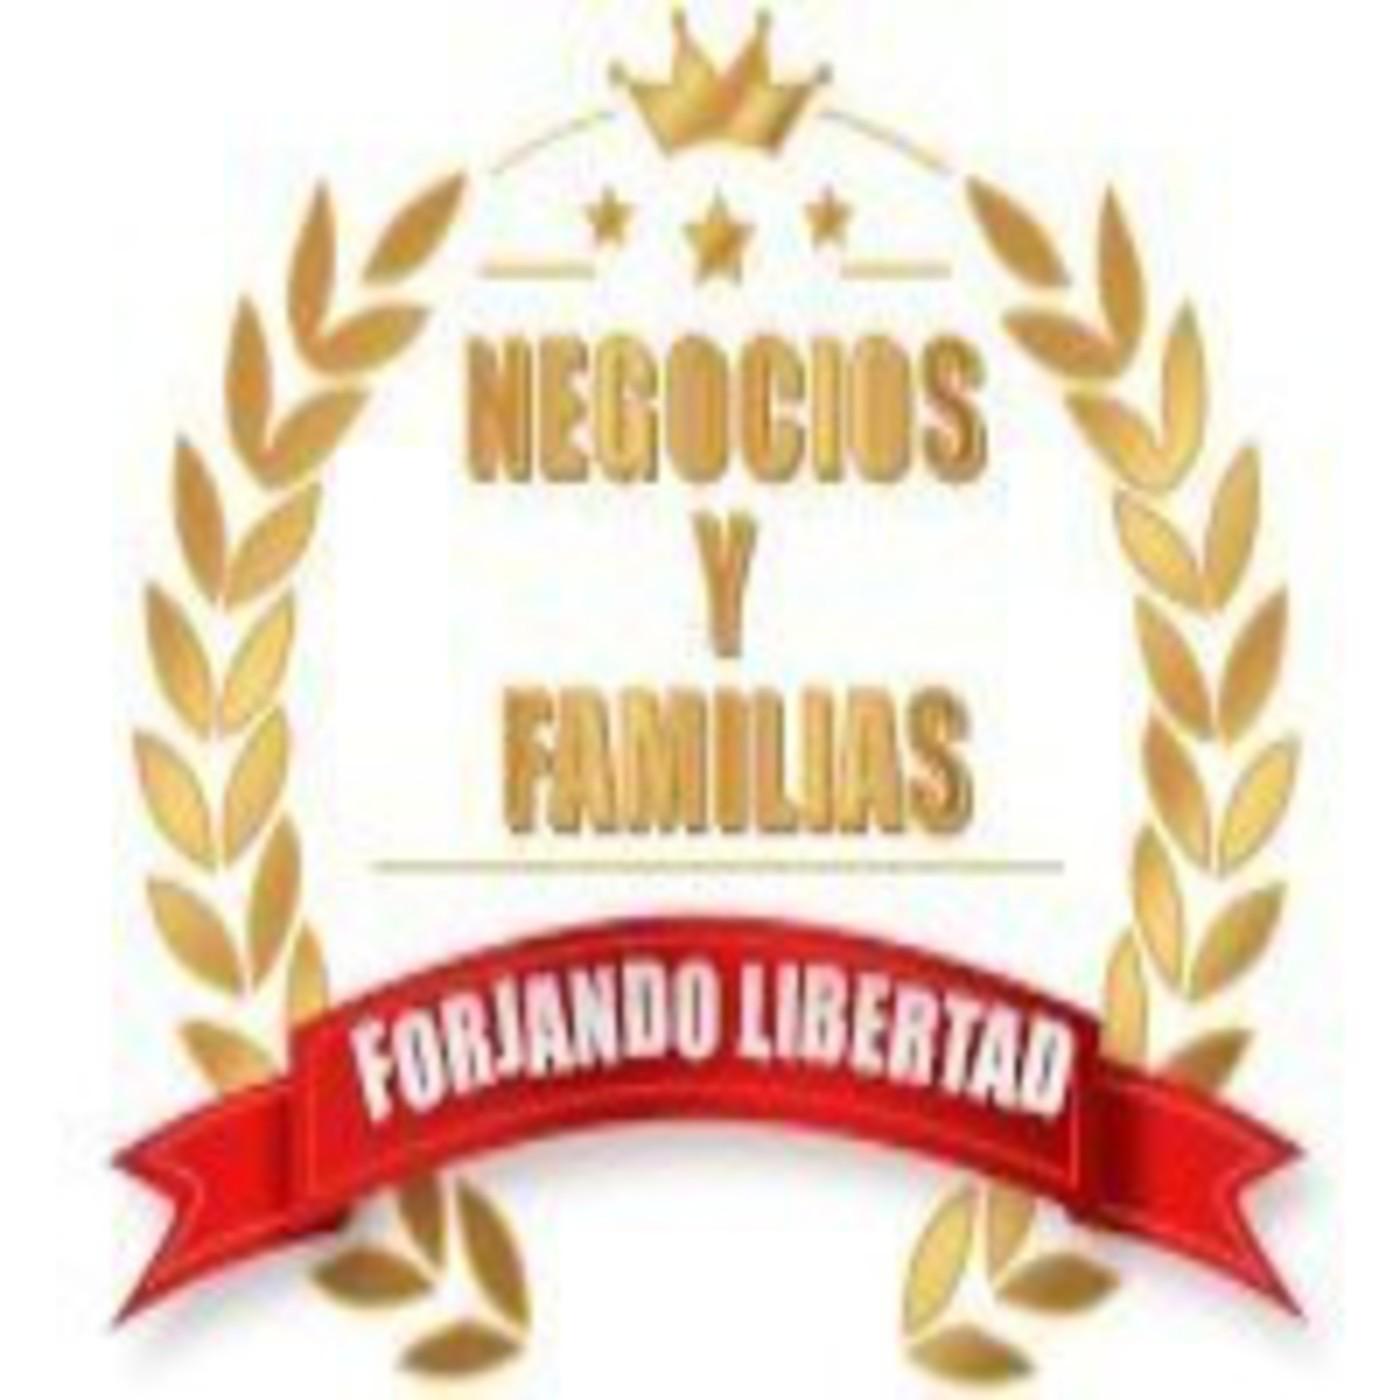 Lourdes Enriquez - Victima o responsable